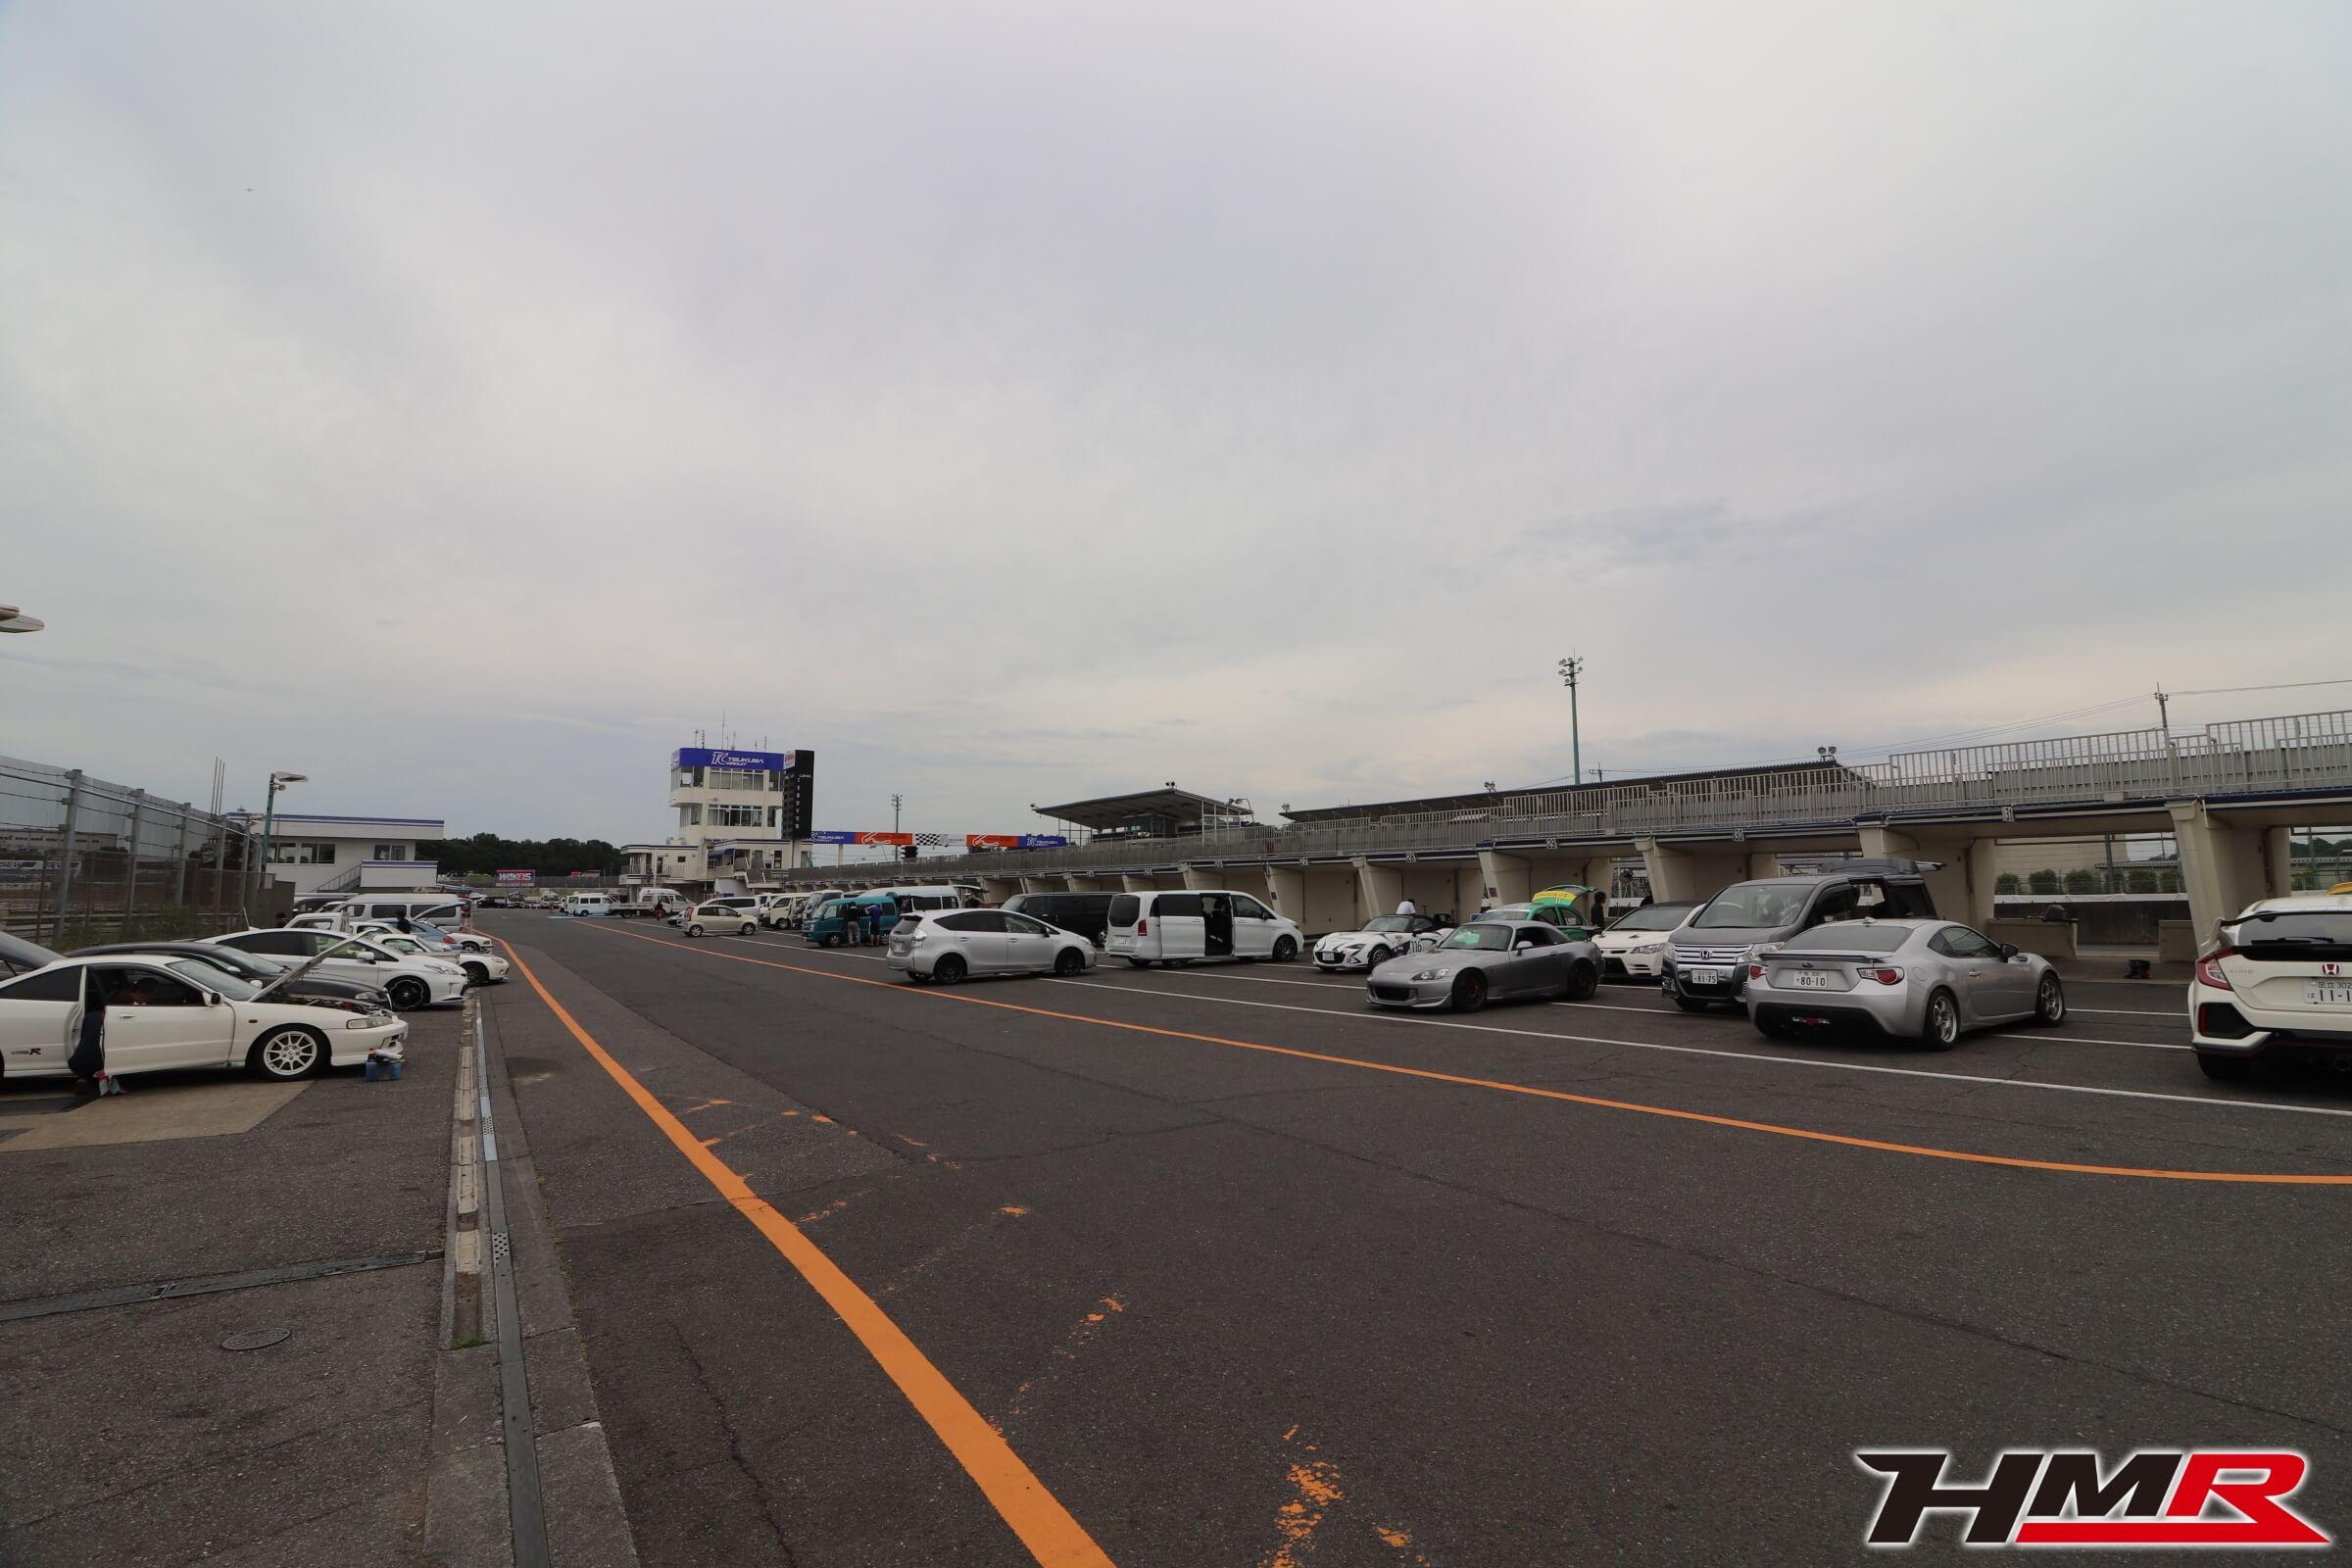 筑波サーキットコース2000